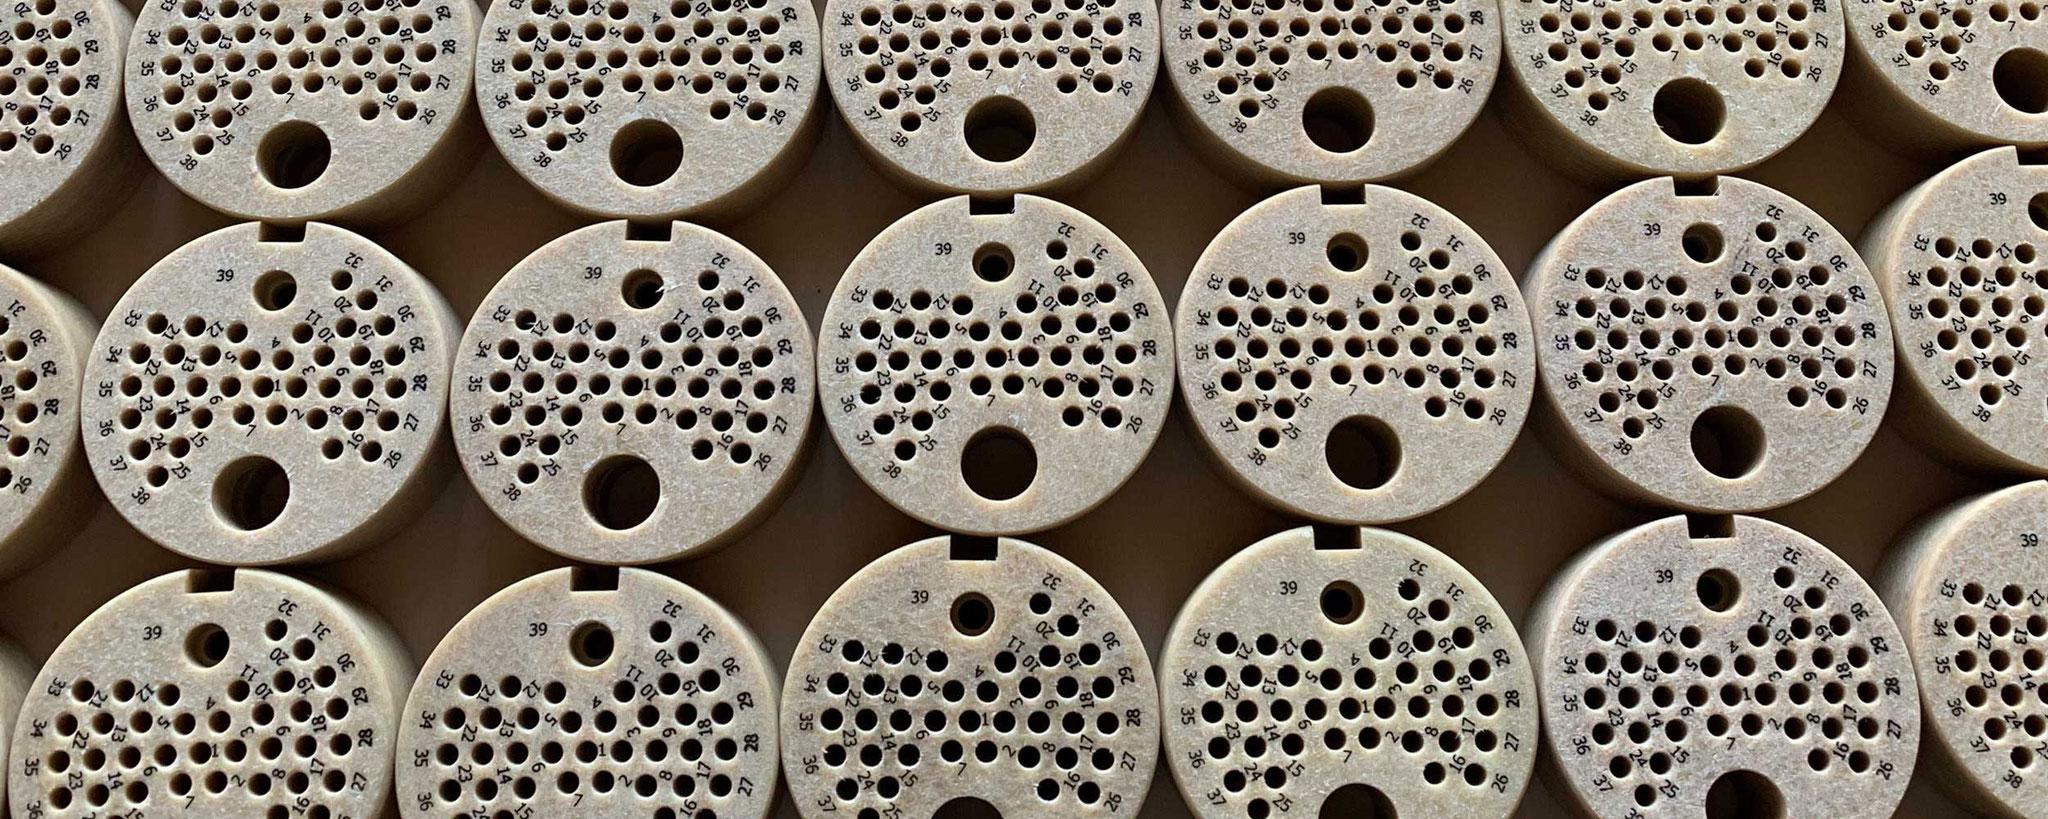 Tampondruck auf Kunststoff, Keramik und anderen Materialien